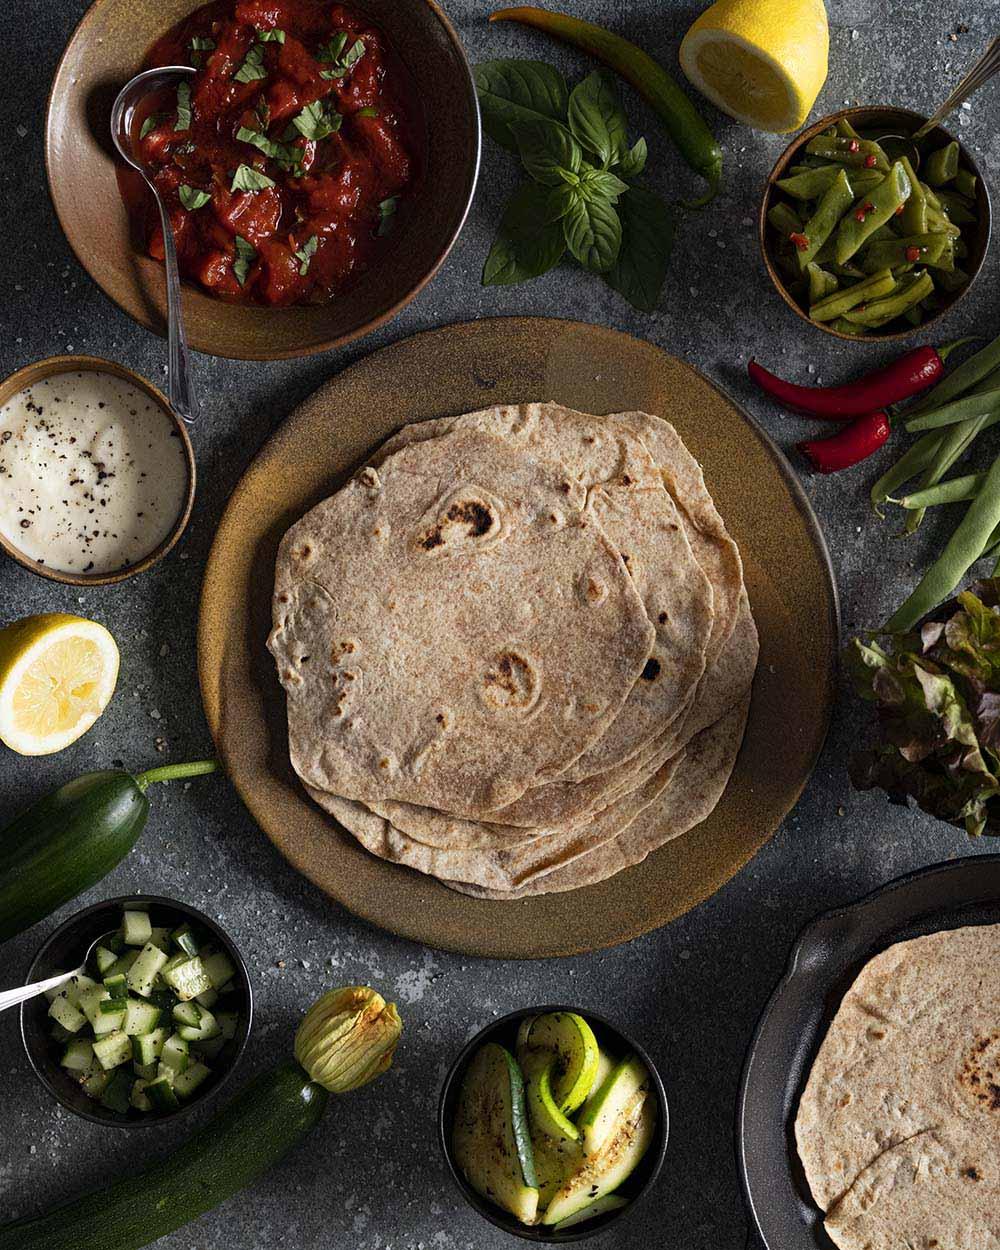 Aufnahme von oben: Zu sehen ist ein Teller, auf dem wir unsere selbst gemachten Wrpas gestapelt haben. Draumherum stehen Schalen mit verschiedenn Sorten Gemüse und einem Tomaten-Sugo, Zutaten, mit denen wir unsere Wraps belegen.